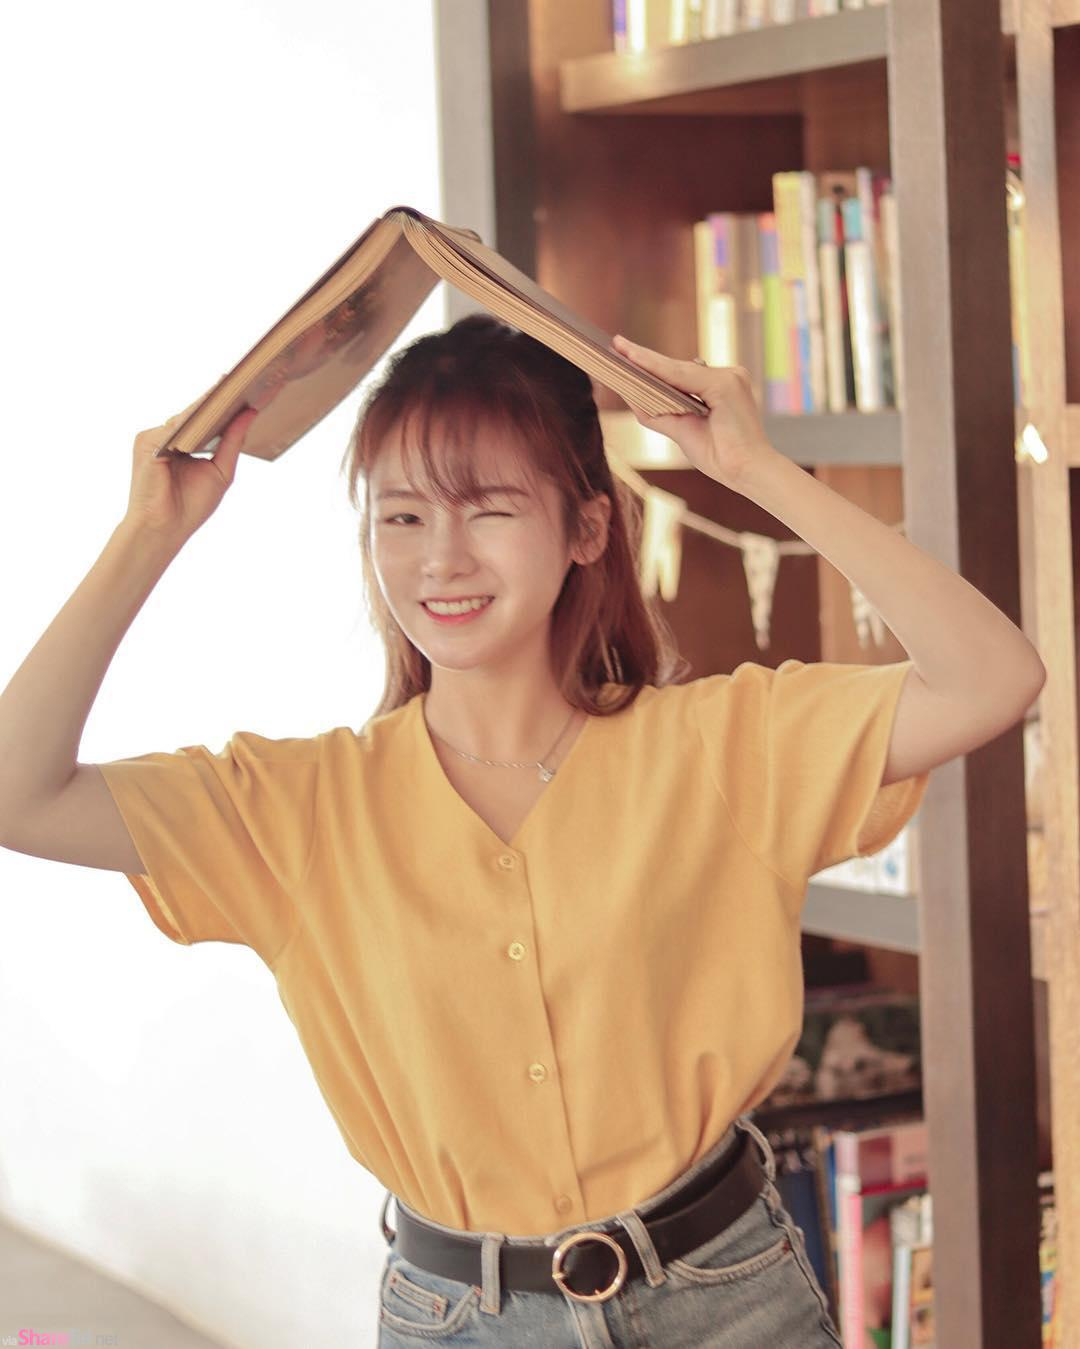 大马正妹Dong清新自然,阳光美少女